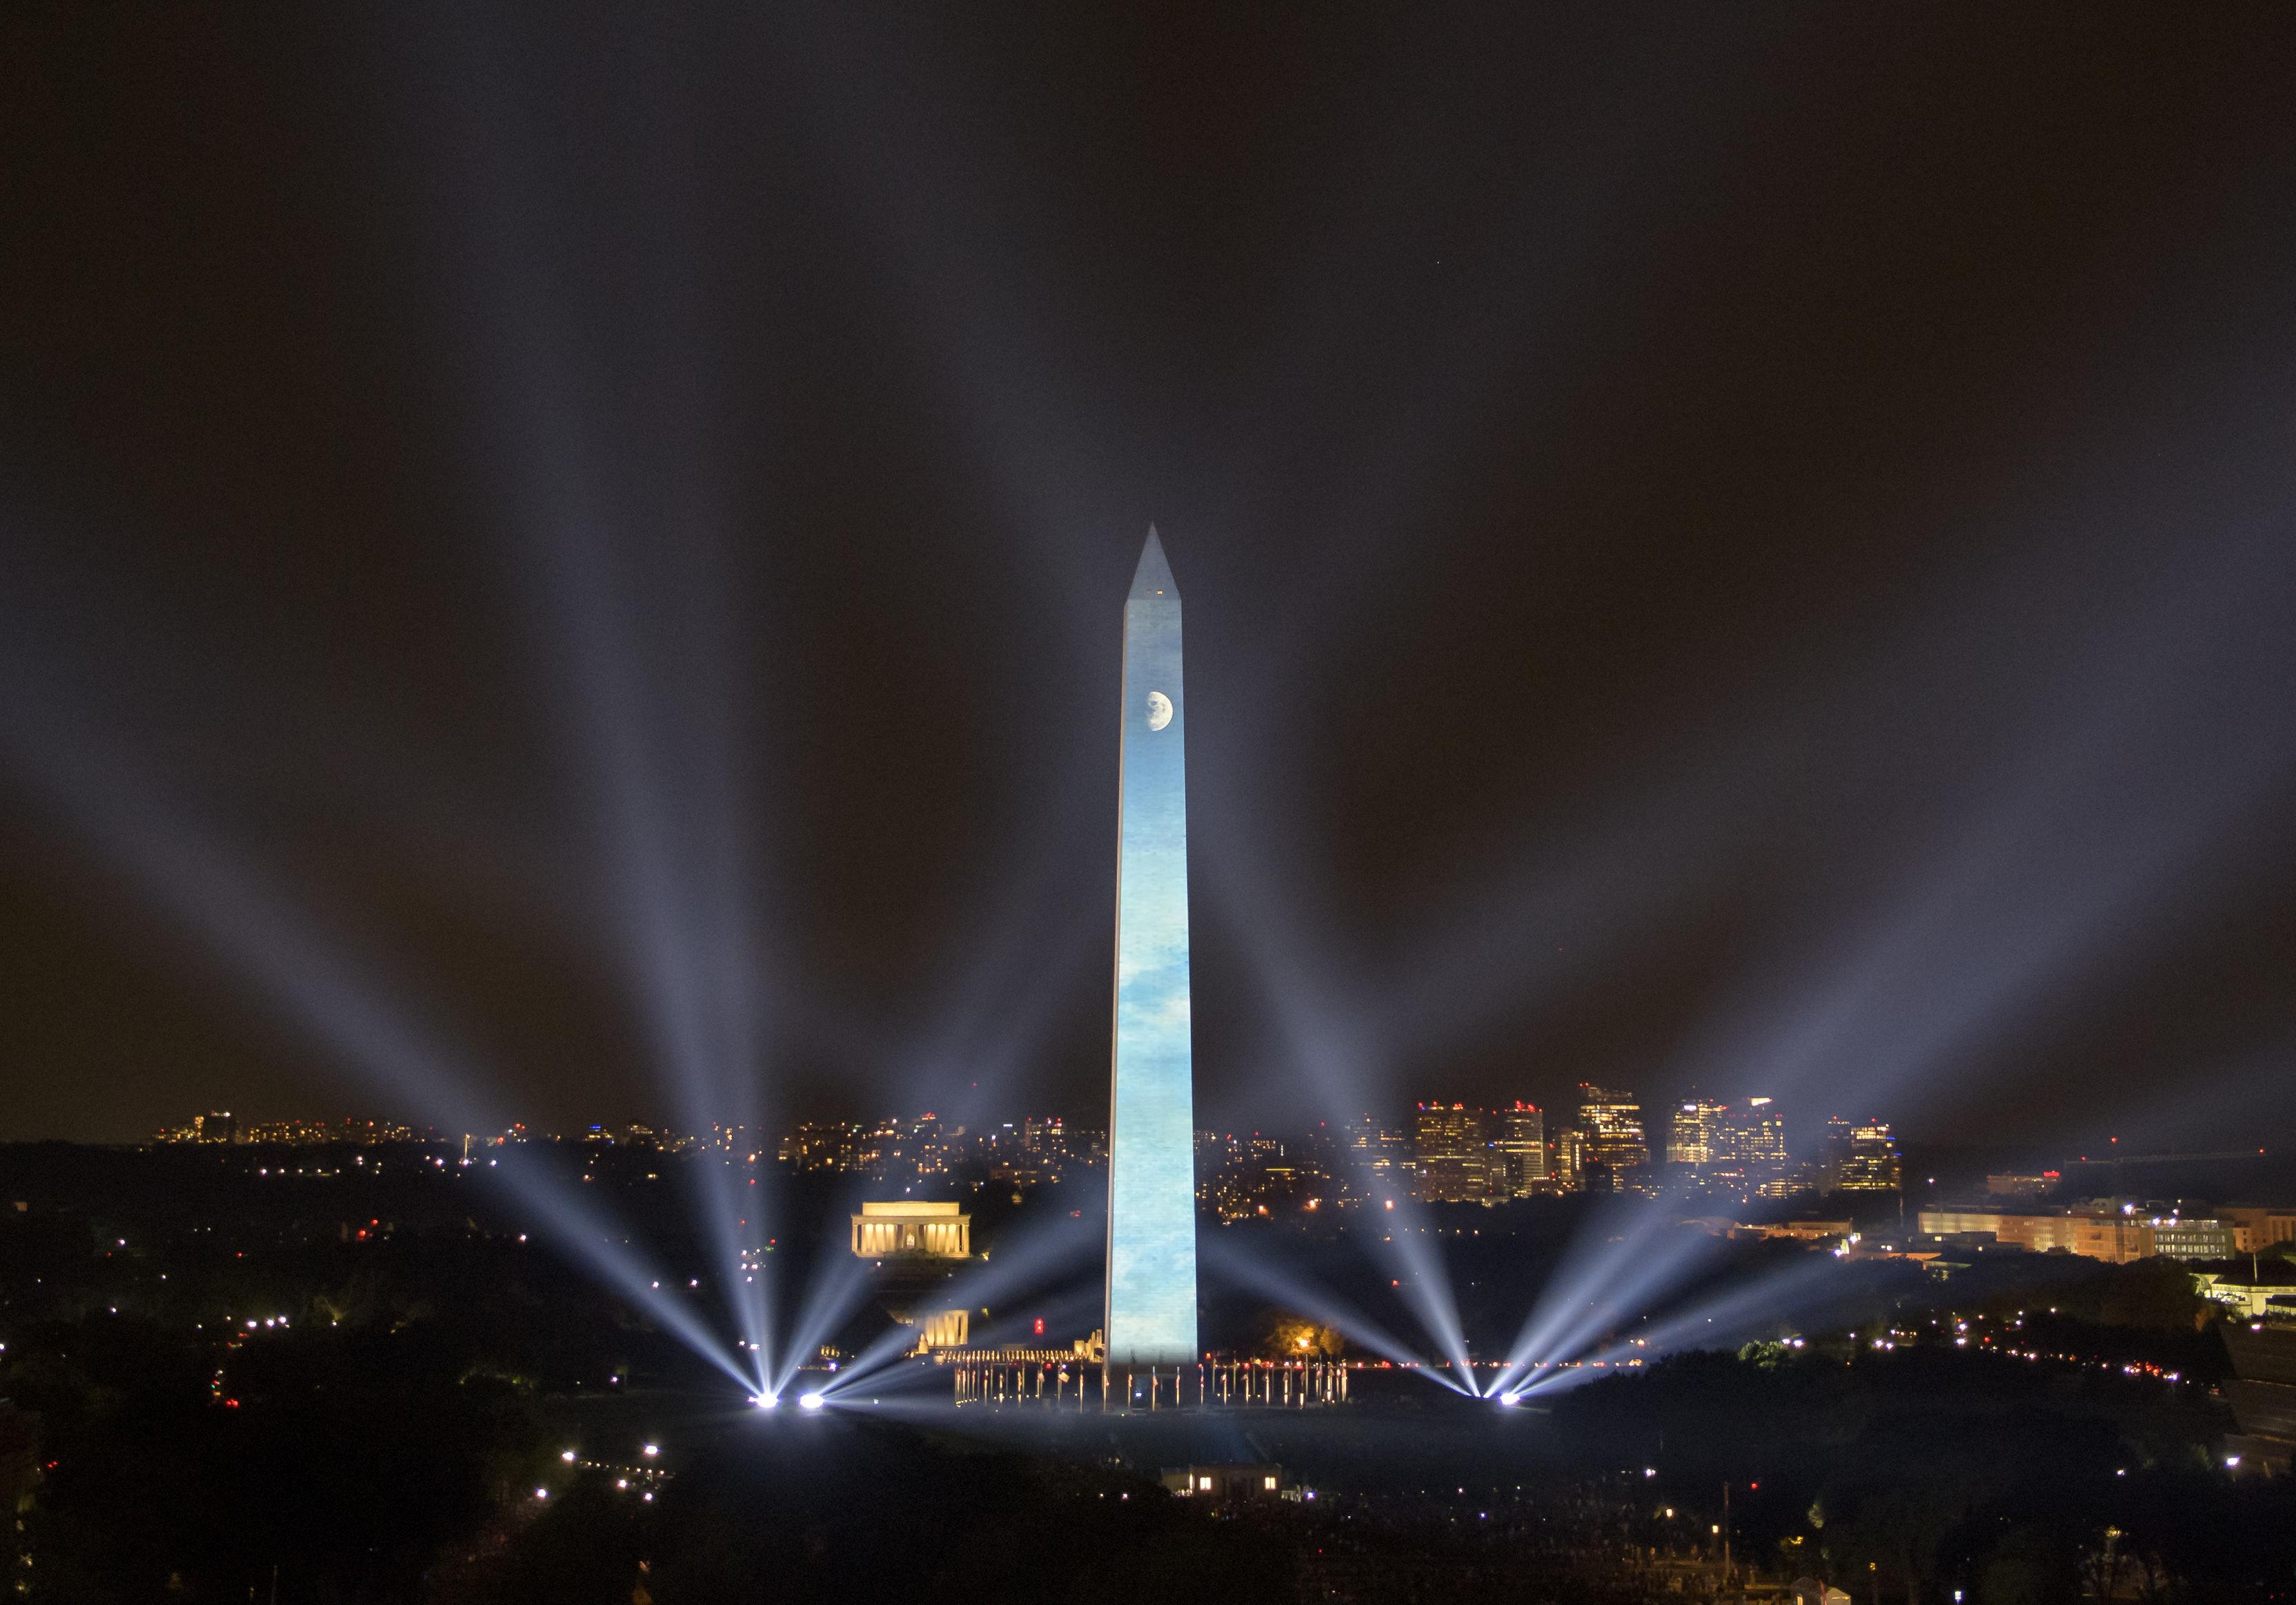 динамичное наружное освещение архитектурных объектов с помощью прожекторов